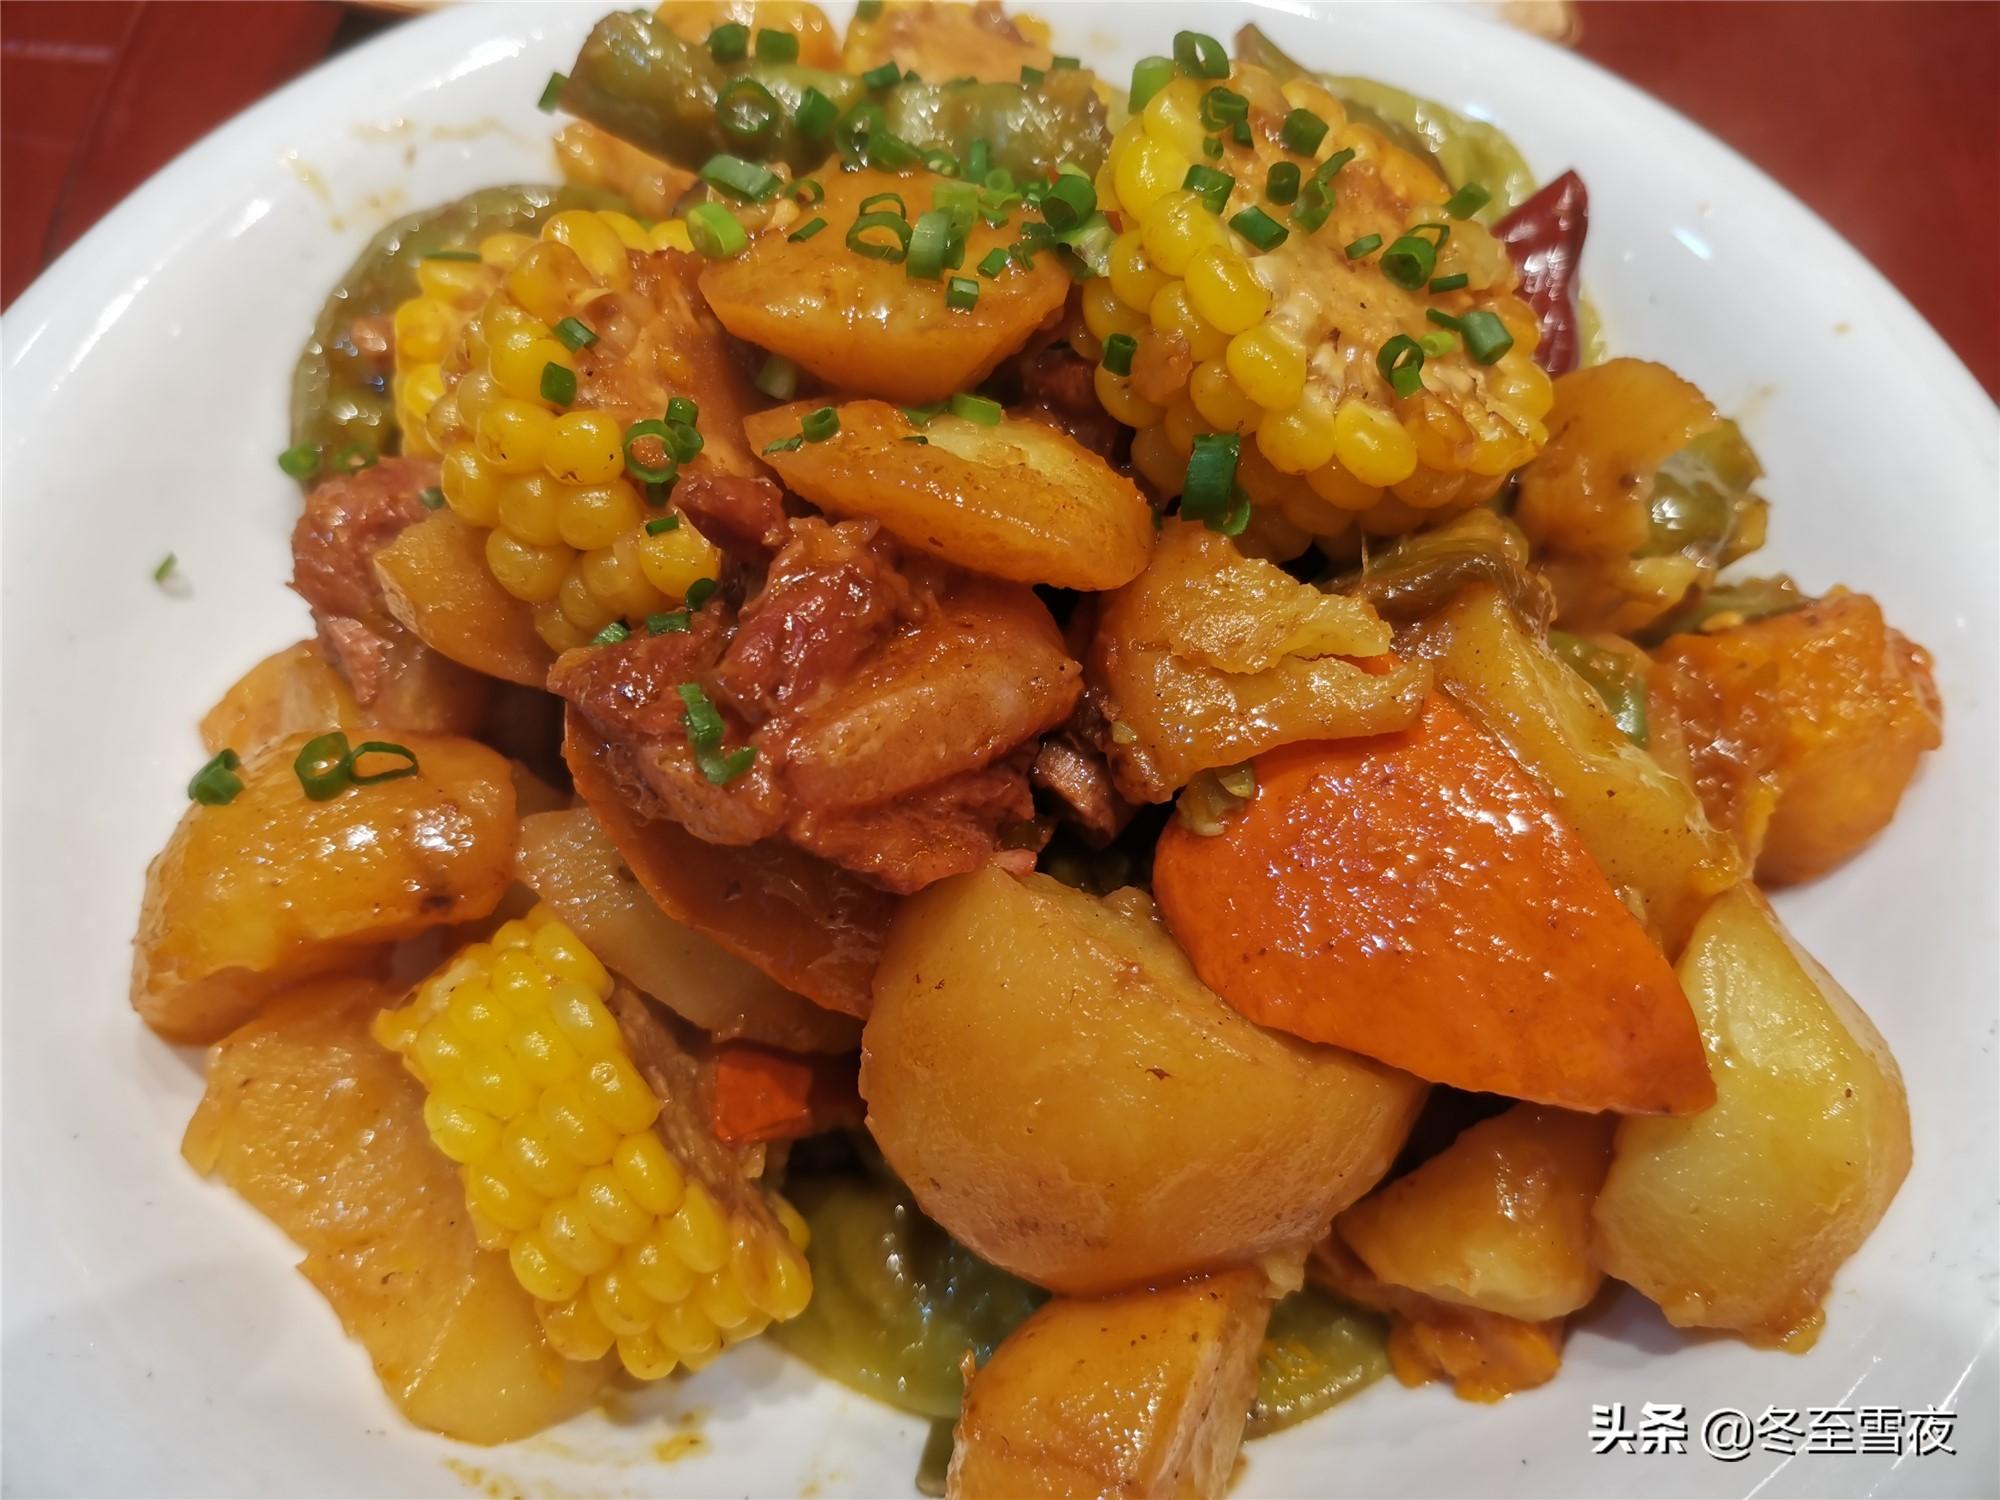 23道东北家常菜,吃了几十年都不腻,东北人都不一定全吃过 东北菜谱 第18张